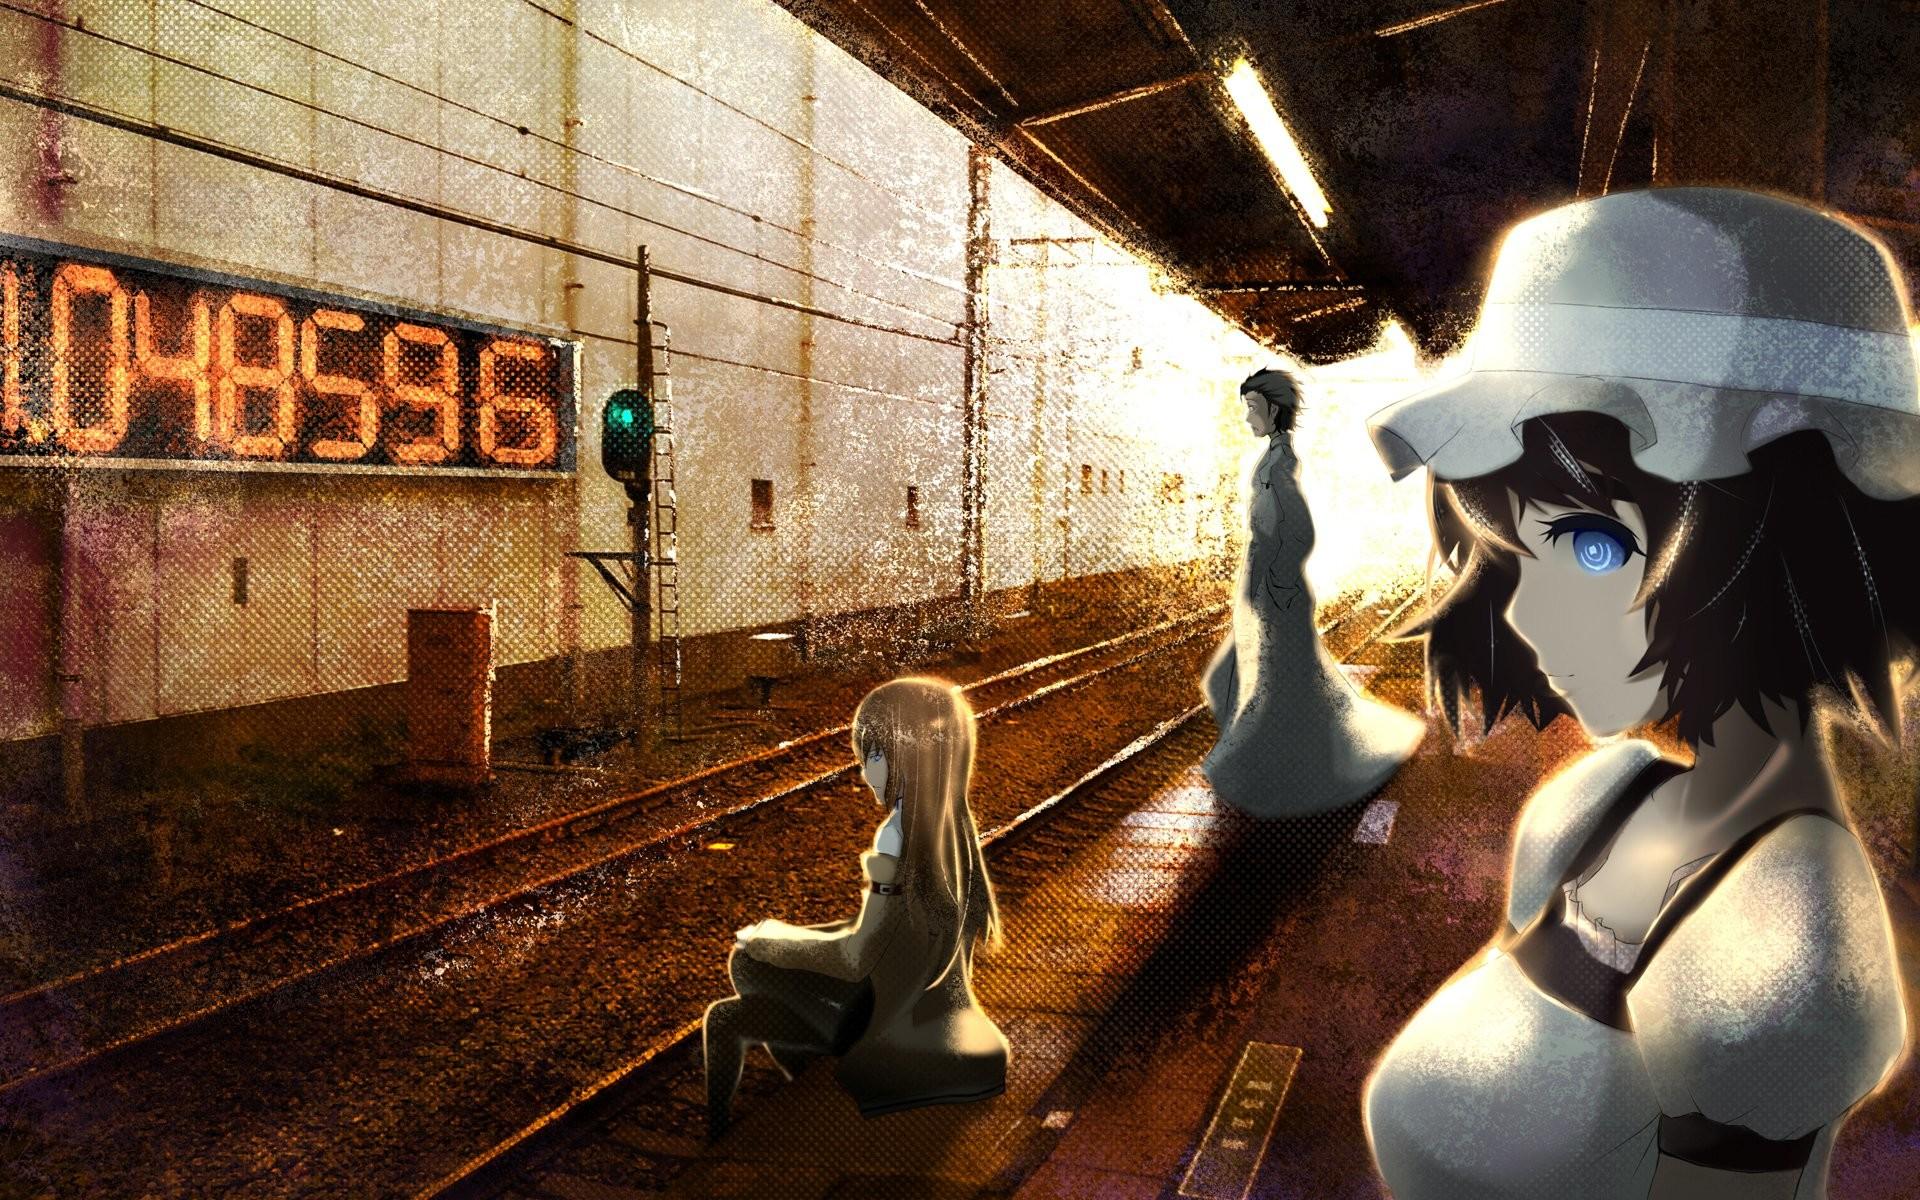 Anime – Steins;Gate Wallpaper